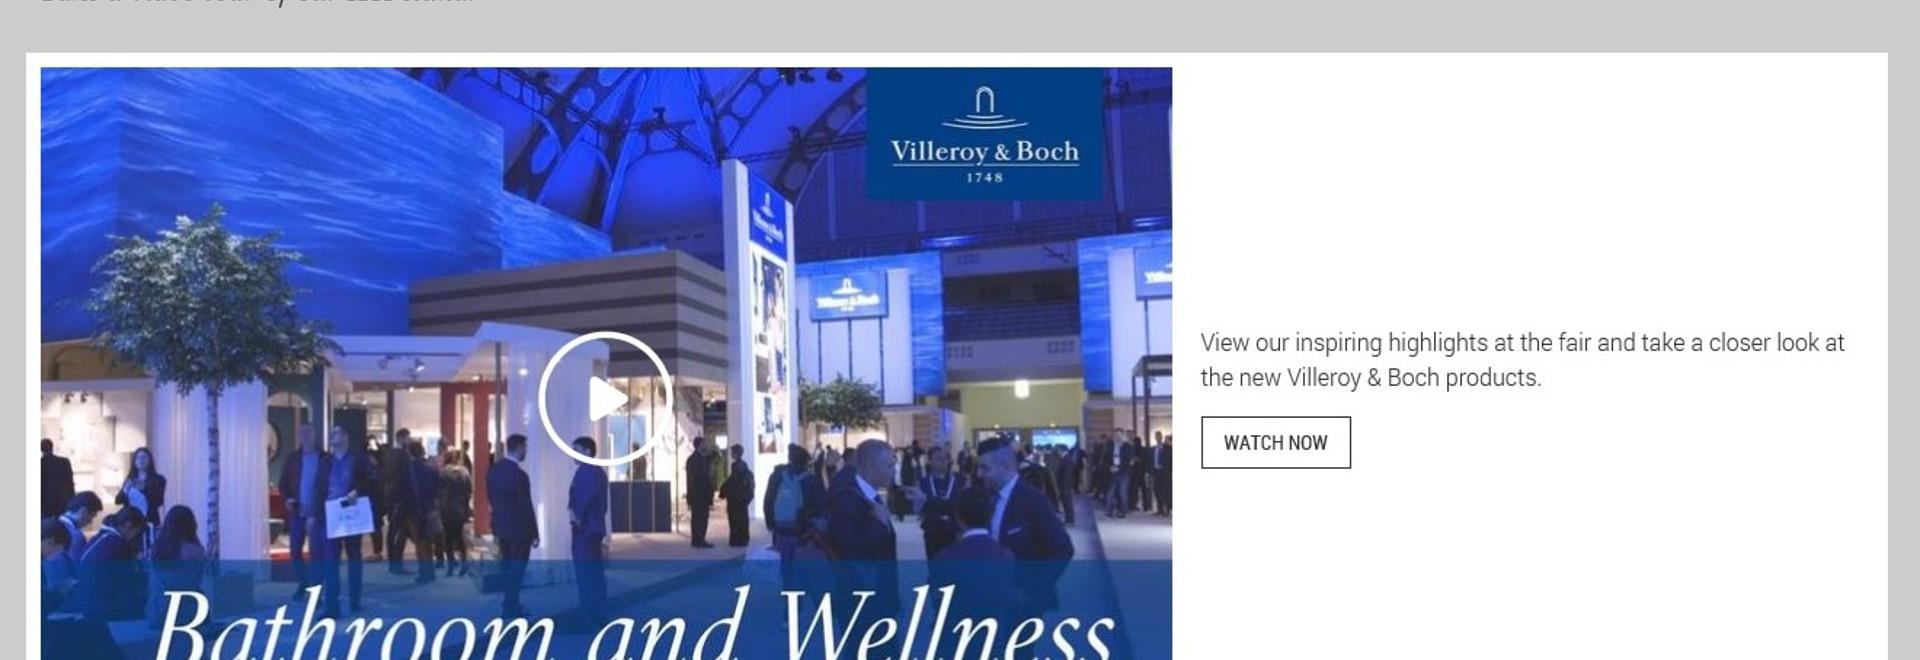 ISH 2019 Video Villeroy & Boch